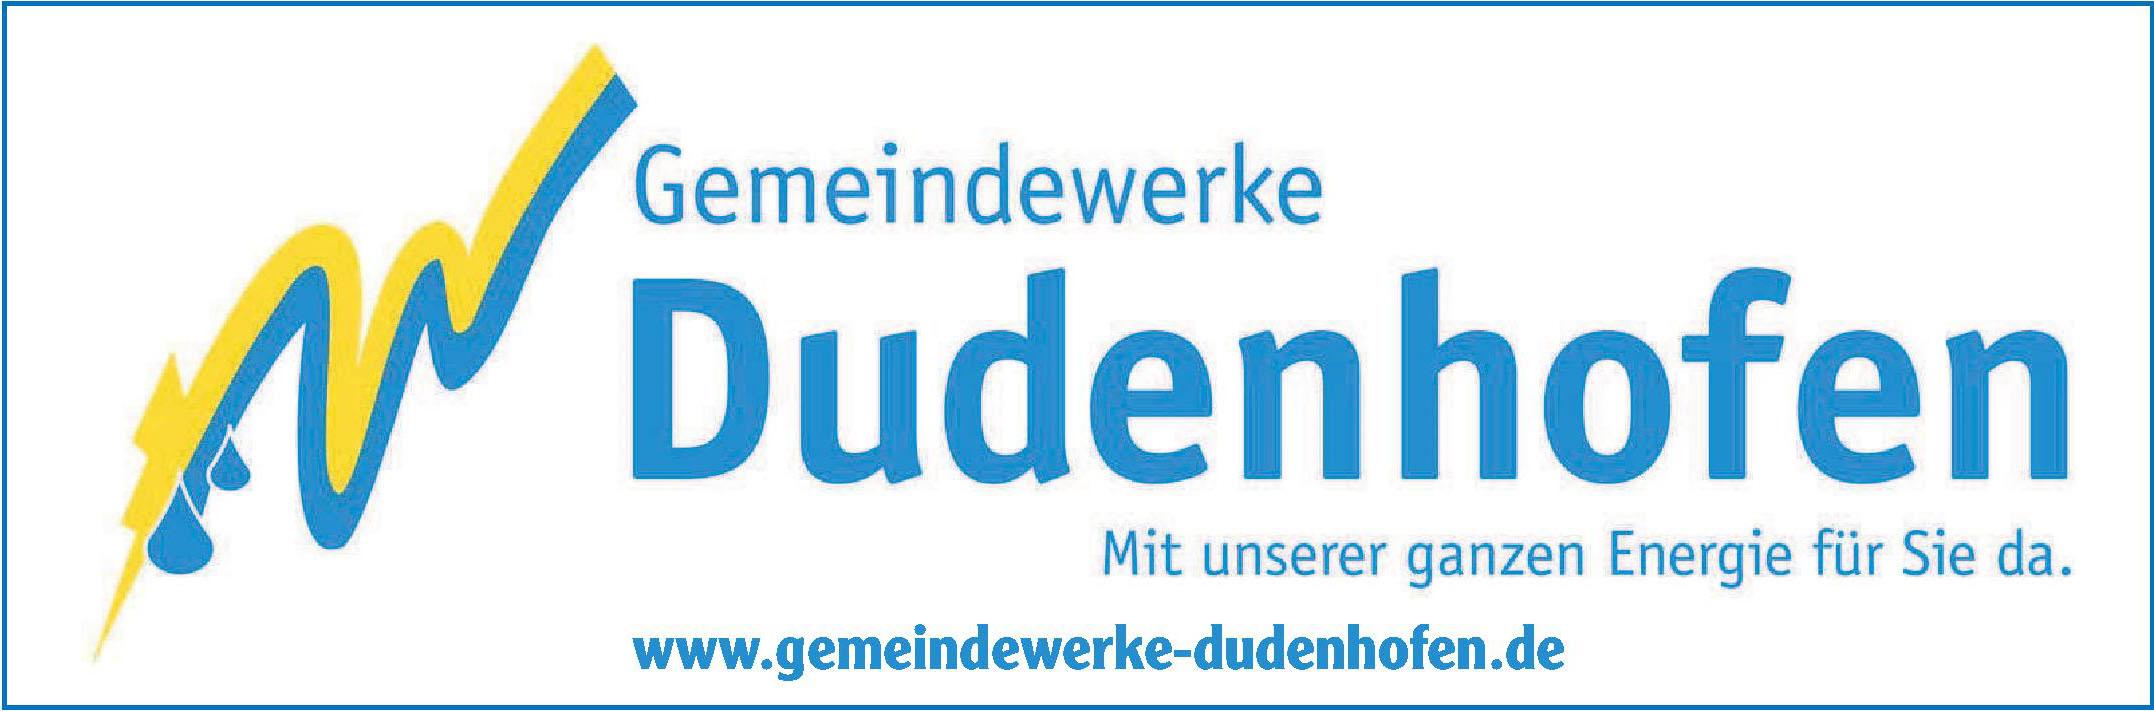 Gemeindewerke Dudenhofen